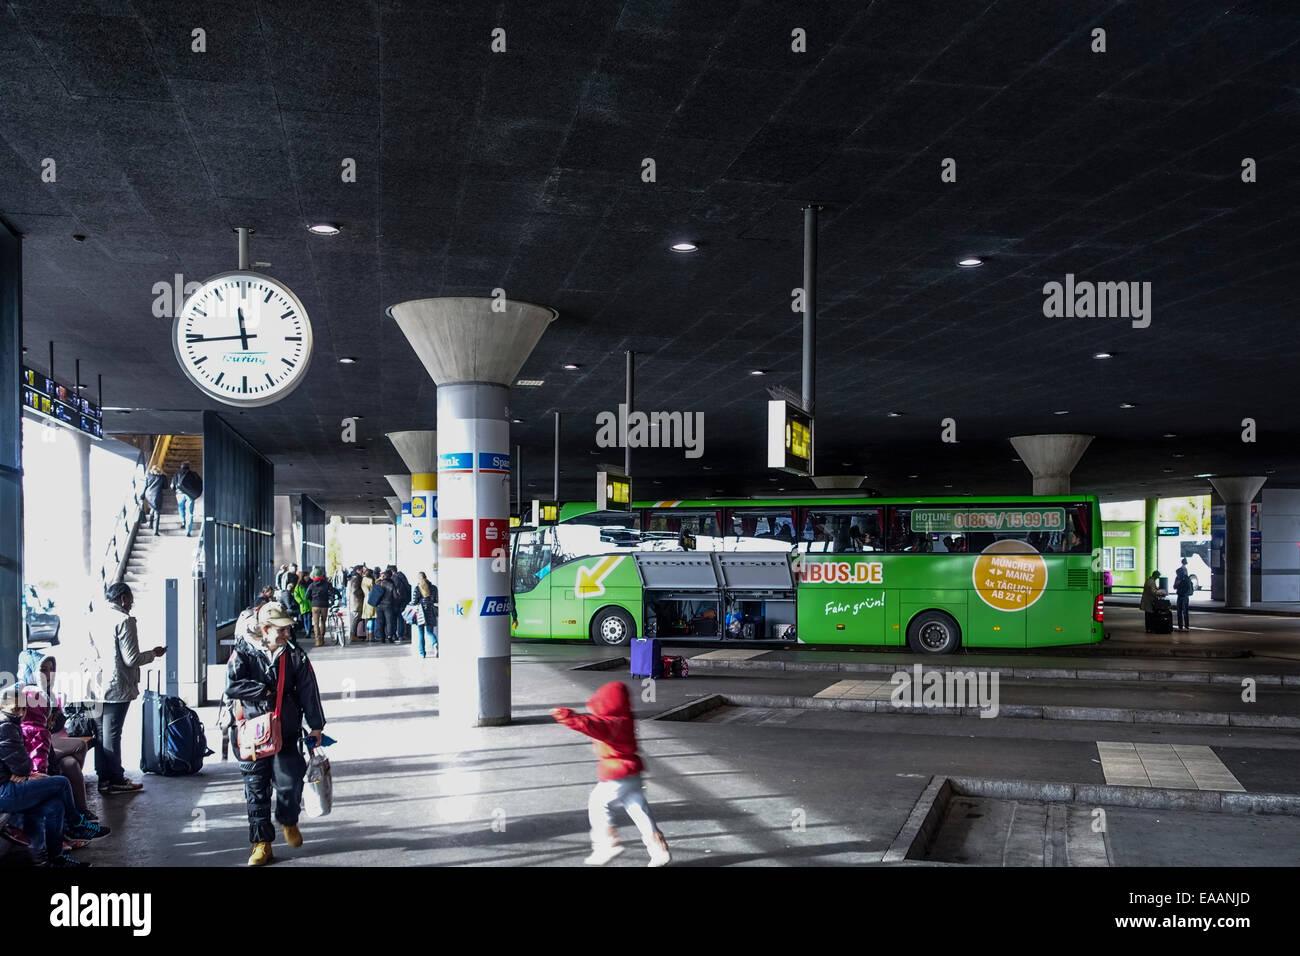 Zentraler Omnibusbahnhof, ZOB, Central Bus Station, Munich